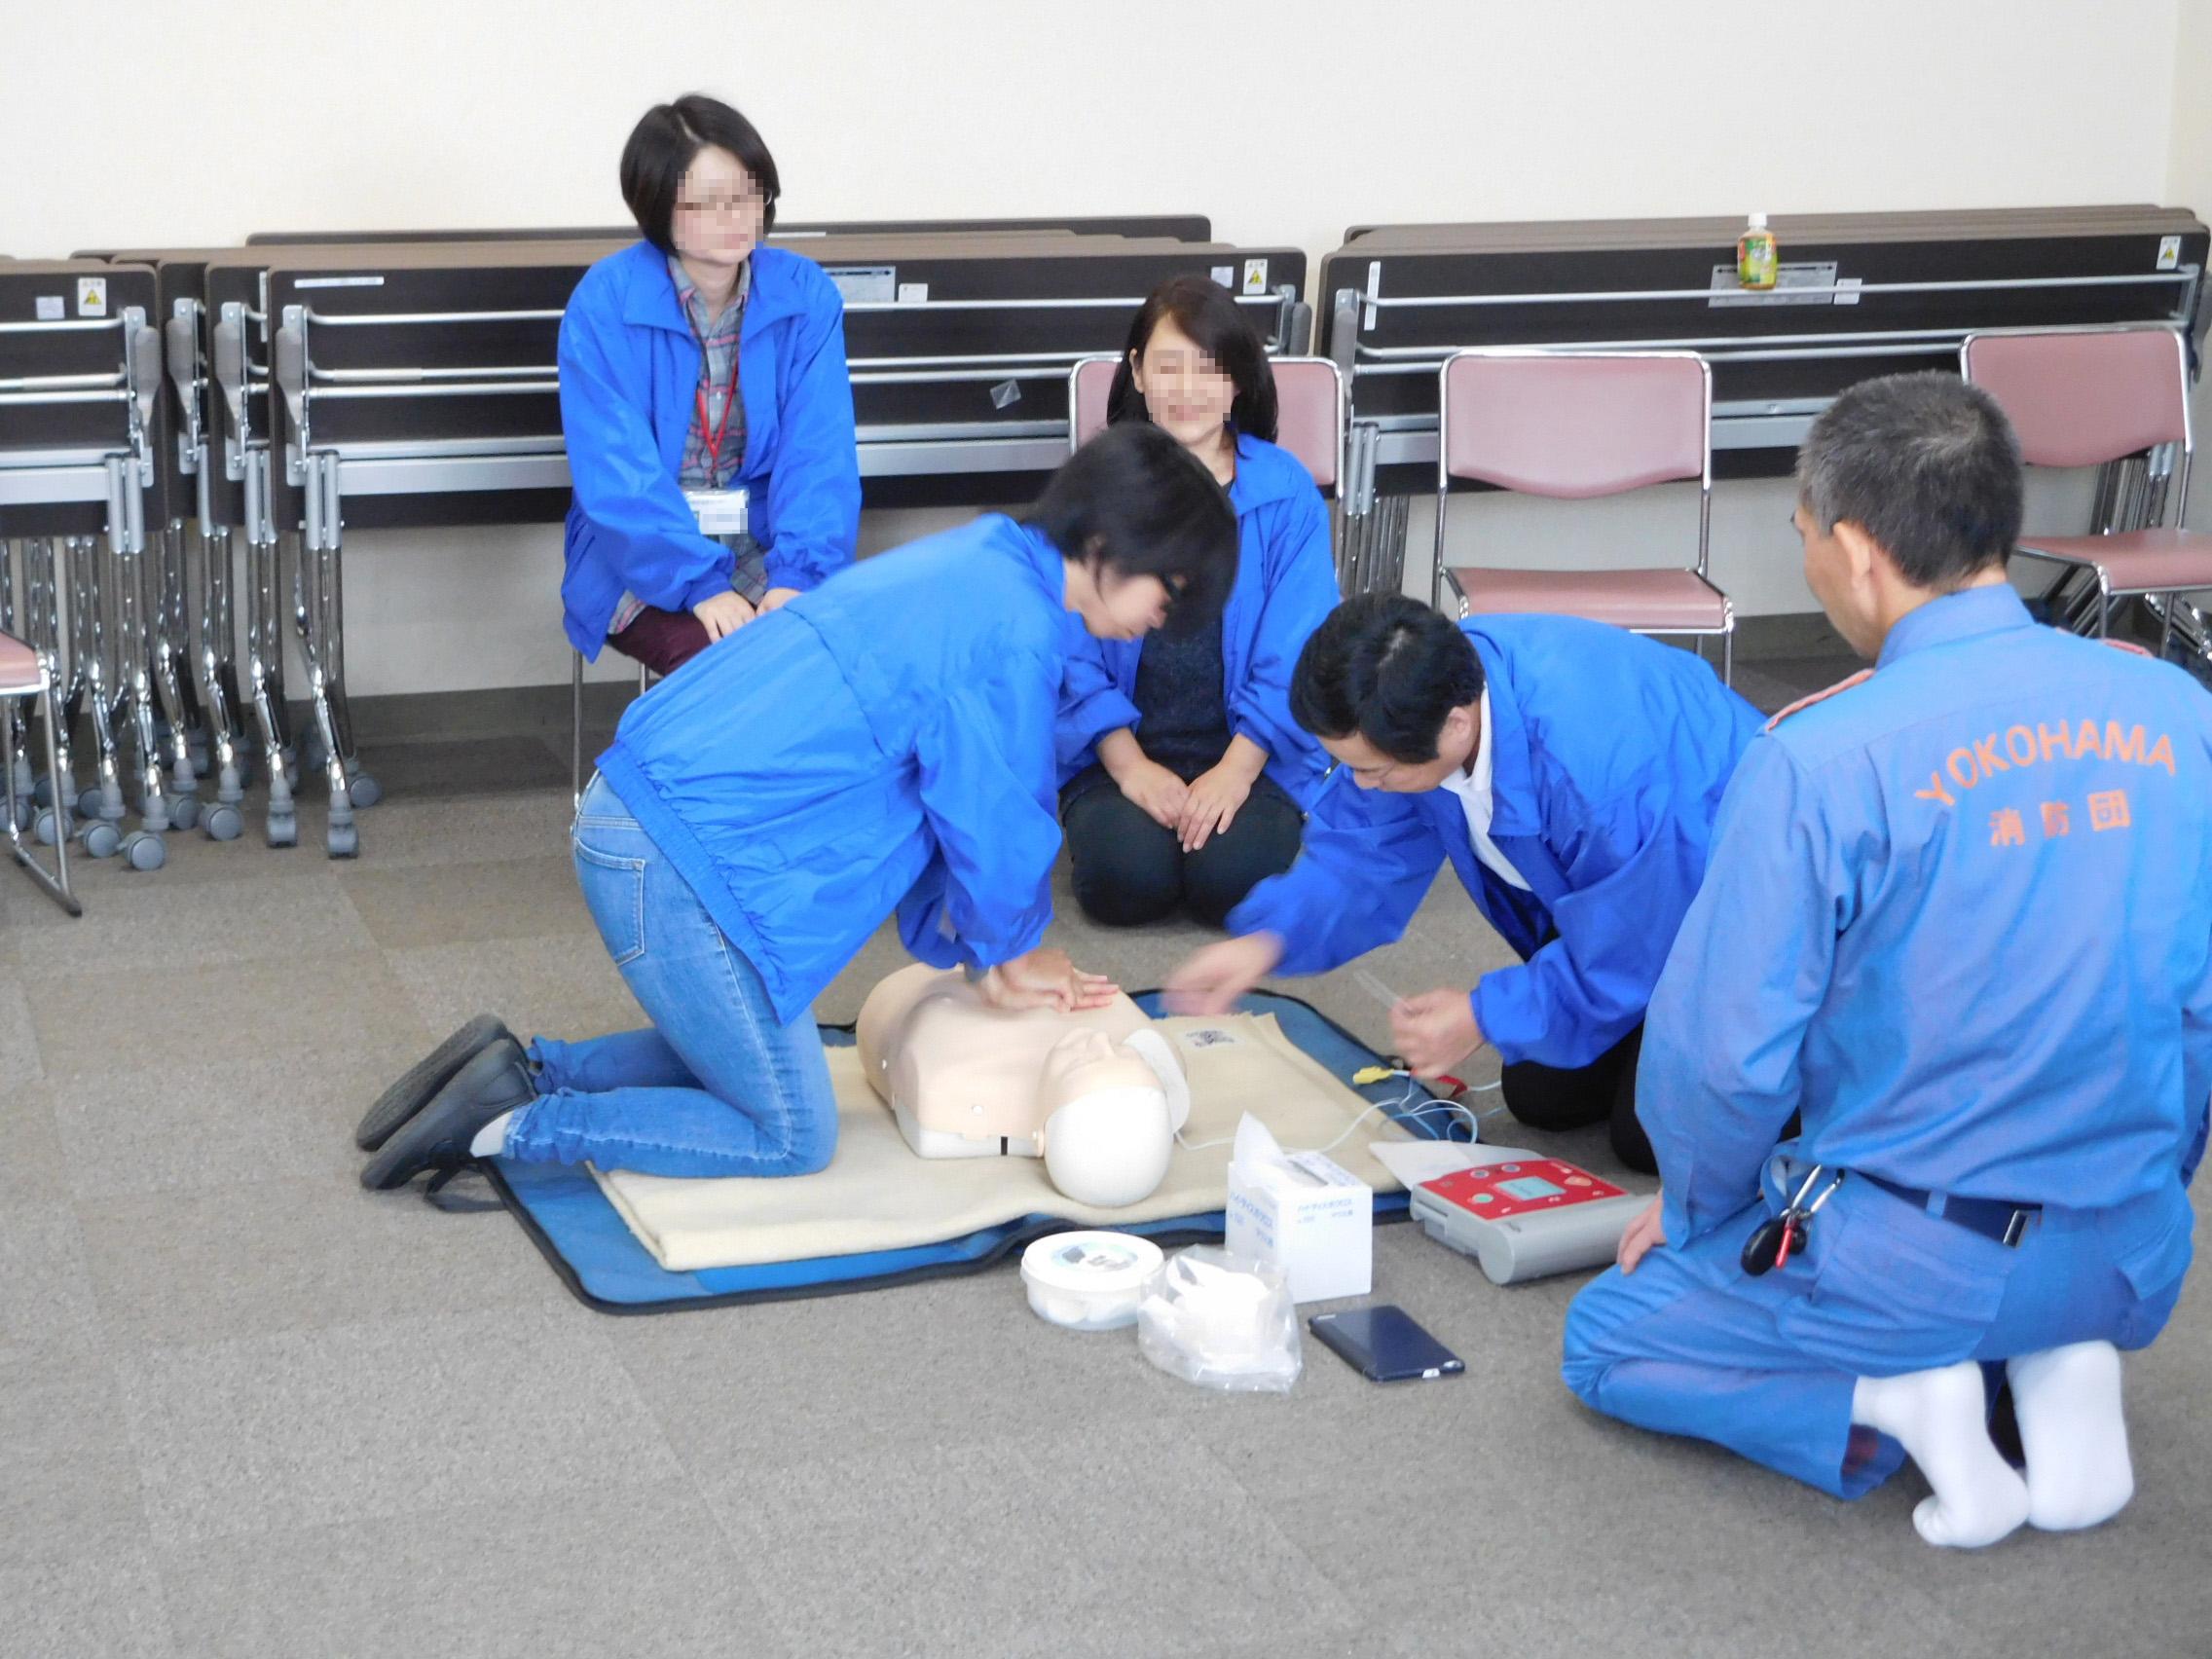 長津田地区センターで救命救急講習を実施しました